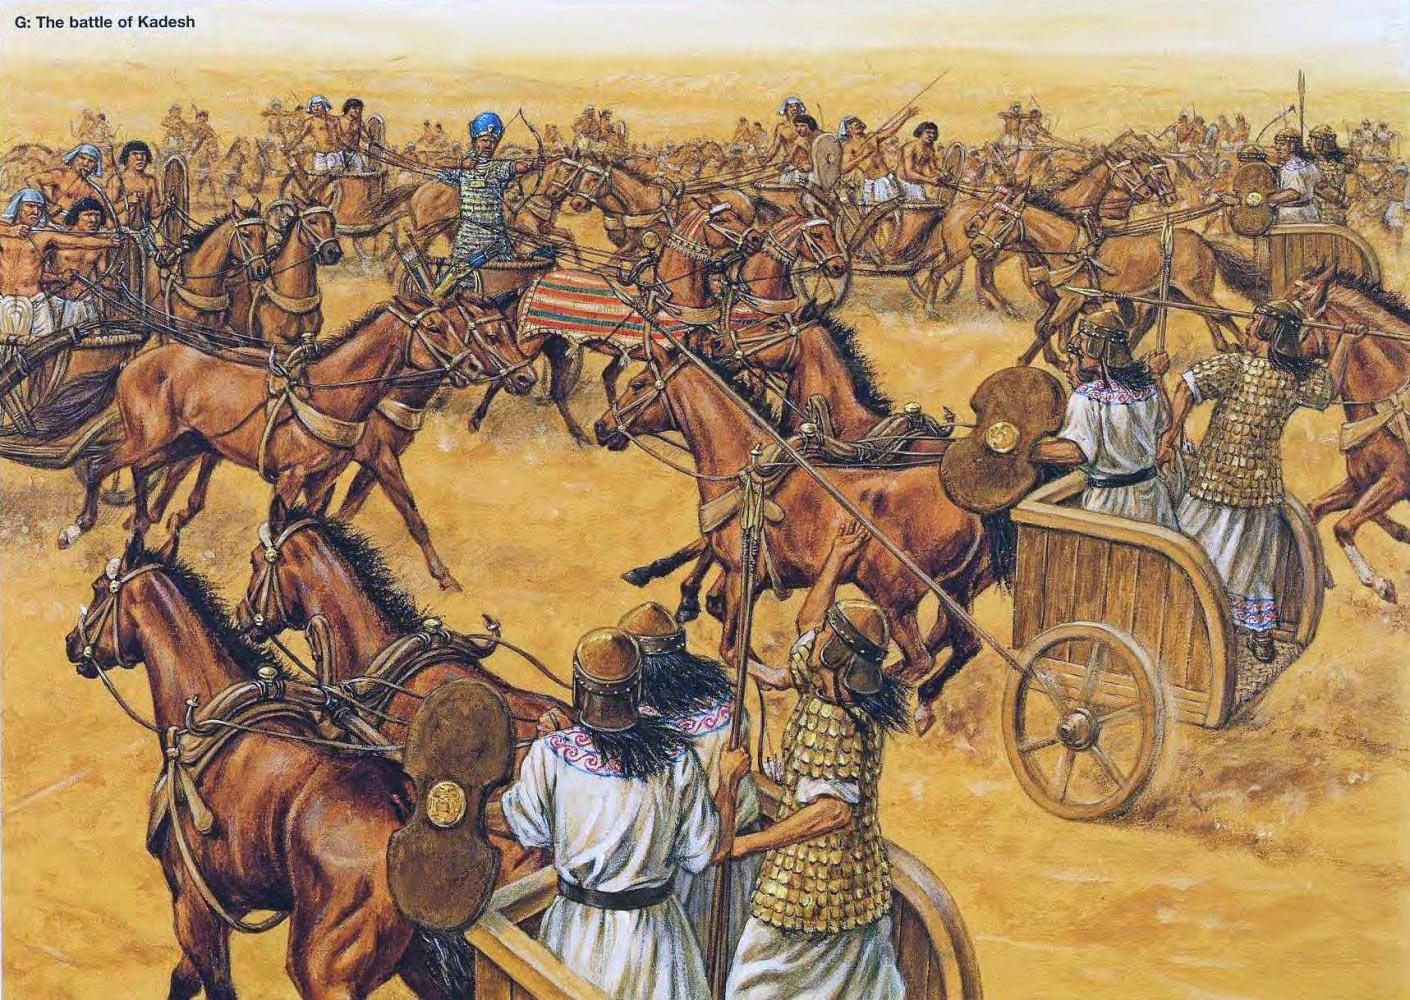 Битва при Кадеше между египтянами и хеттами